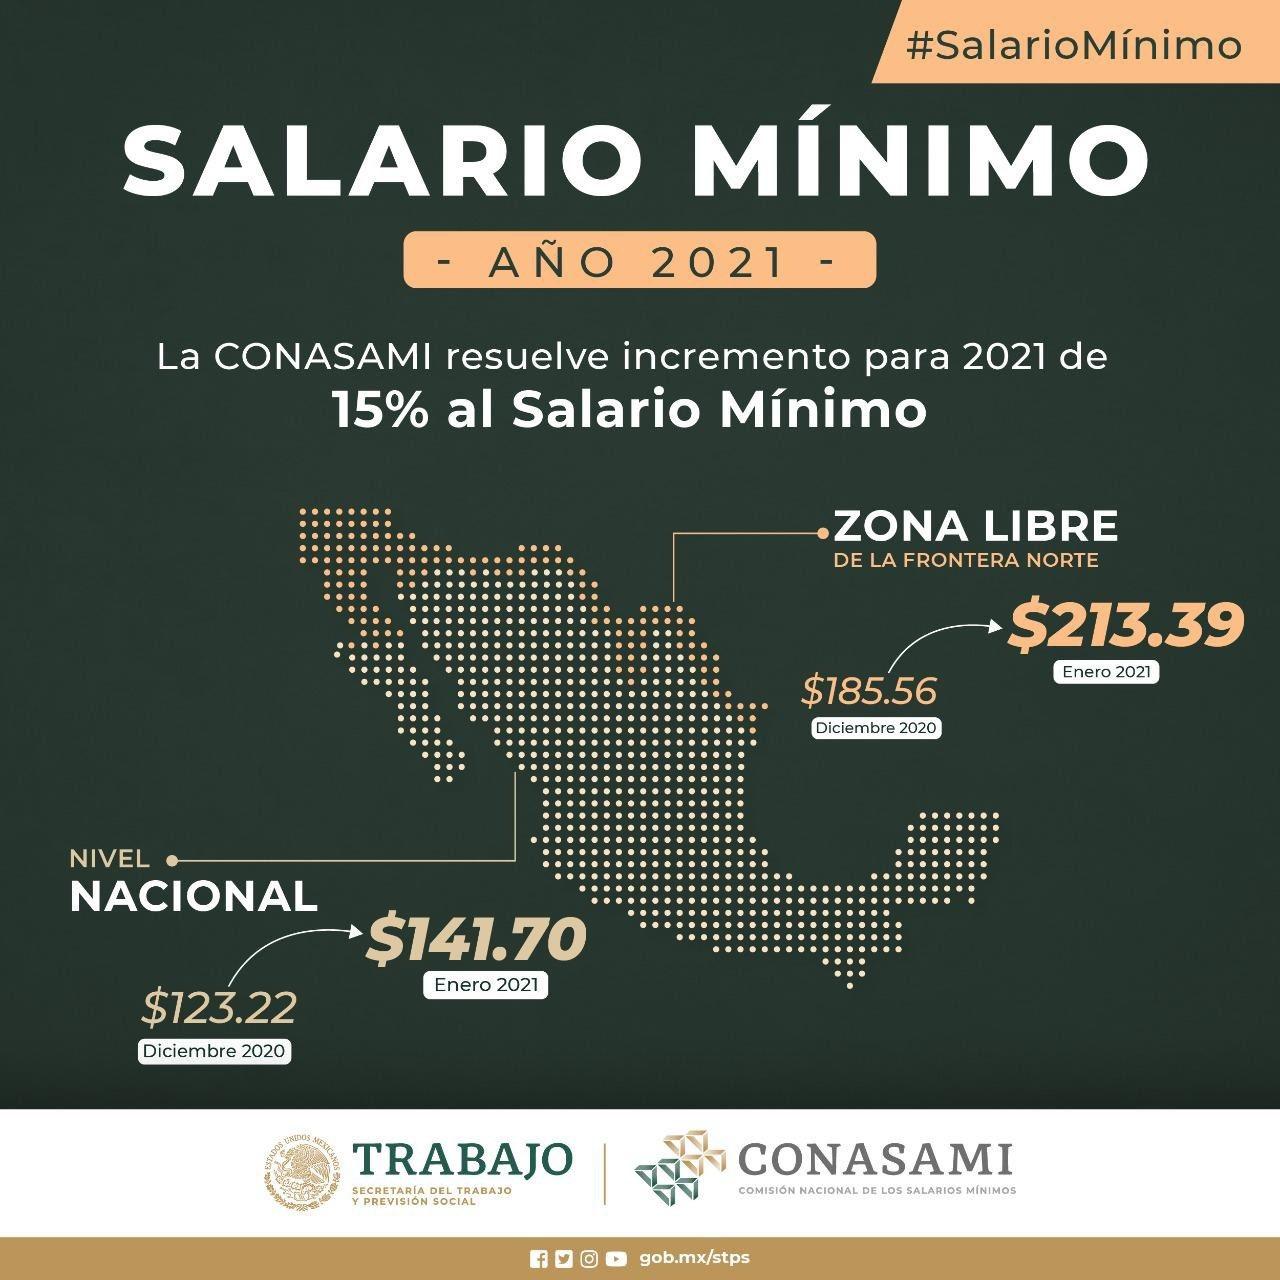 CONASAMI aprueba incremento al salario mínimo de 15%